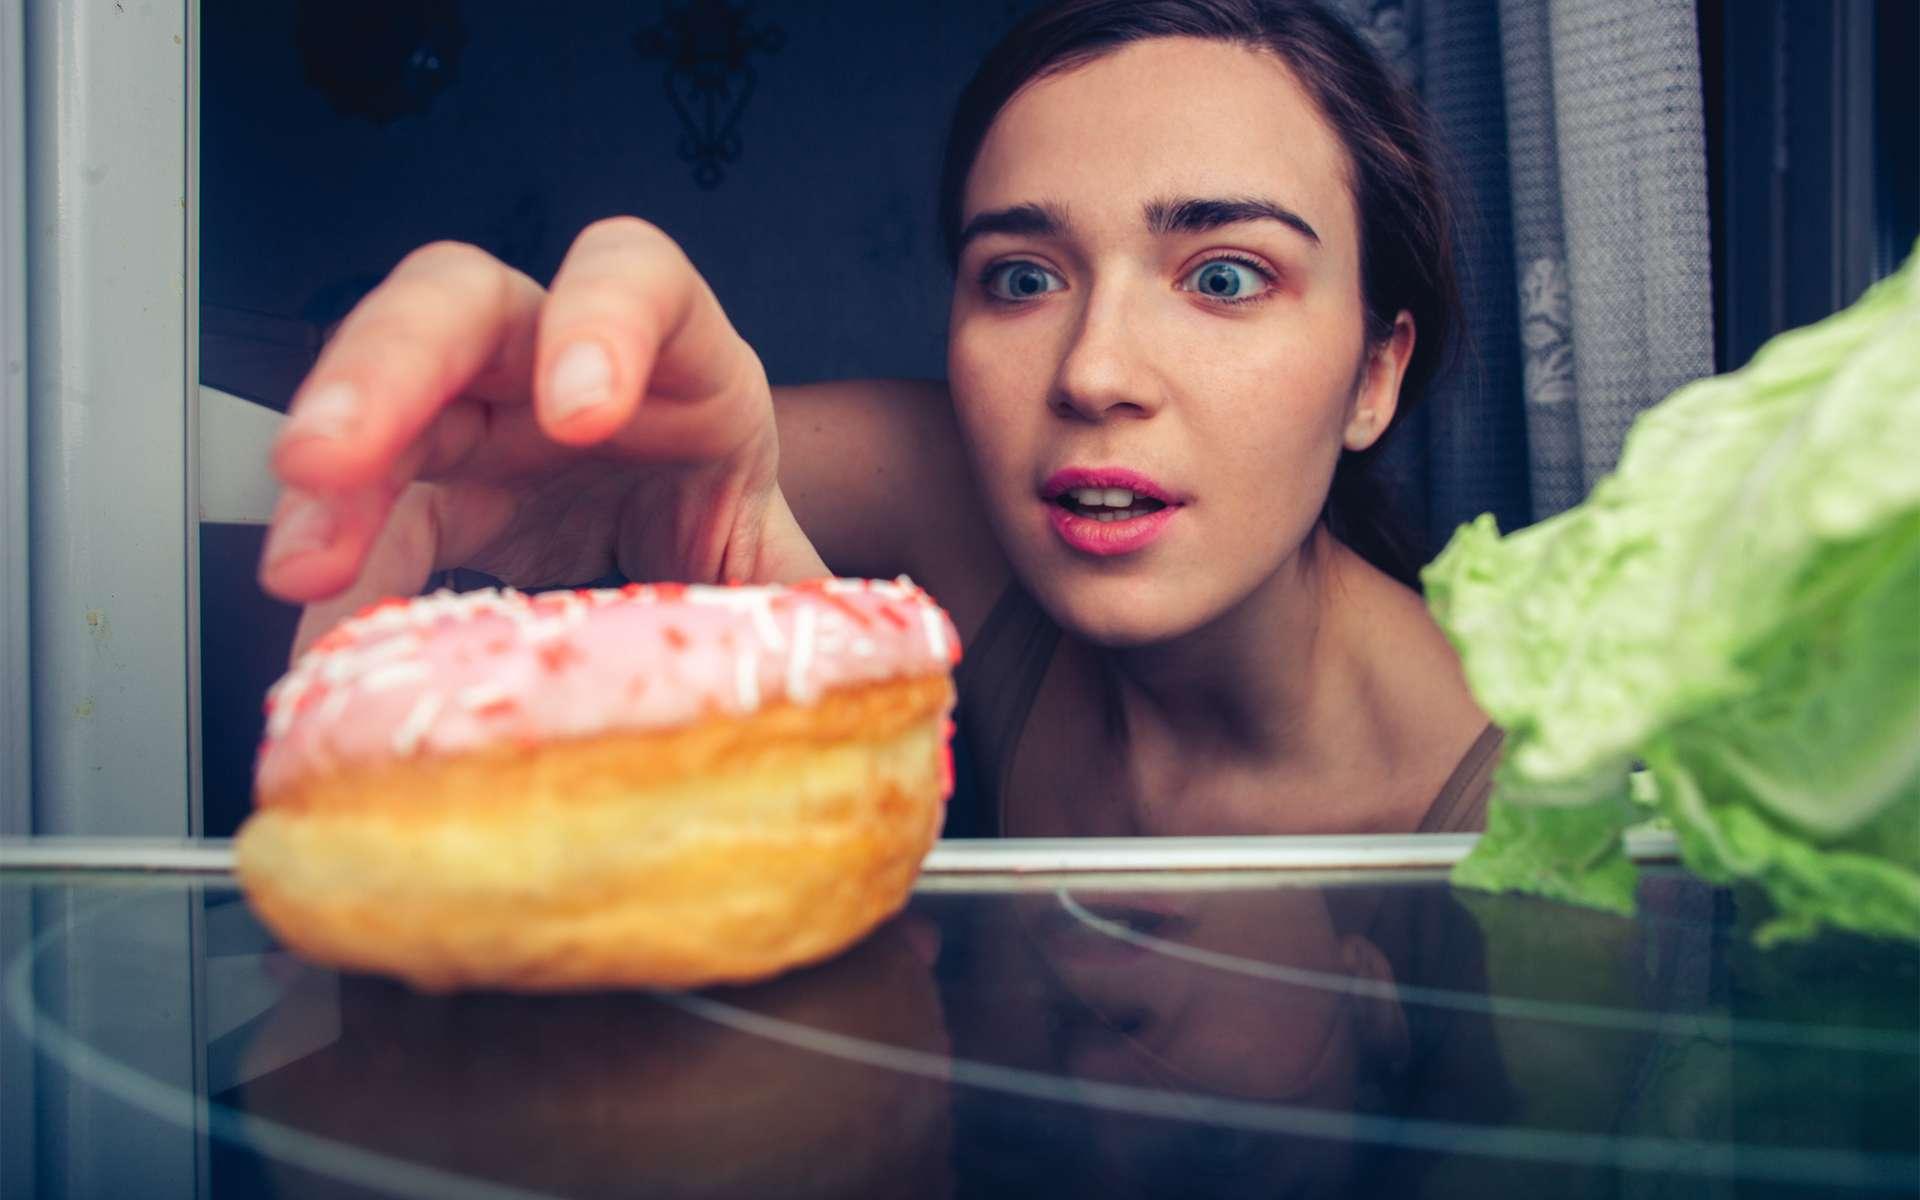 Une envie soudaine de chocolat et de gâteaux ? Comment y résister. © Schum, Adobe Stock